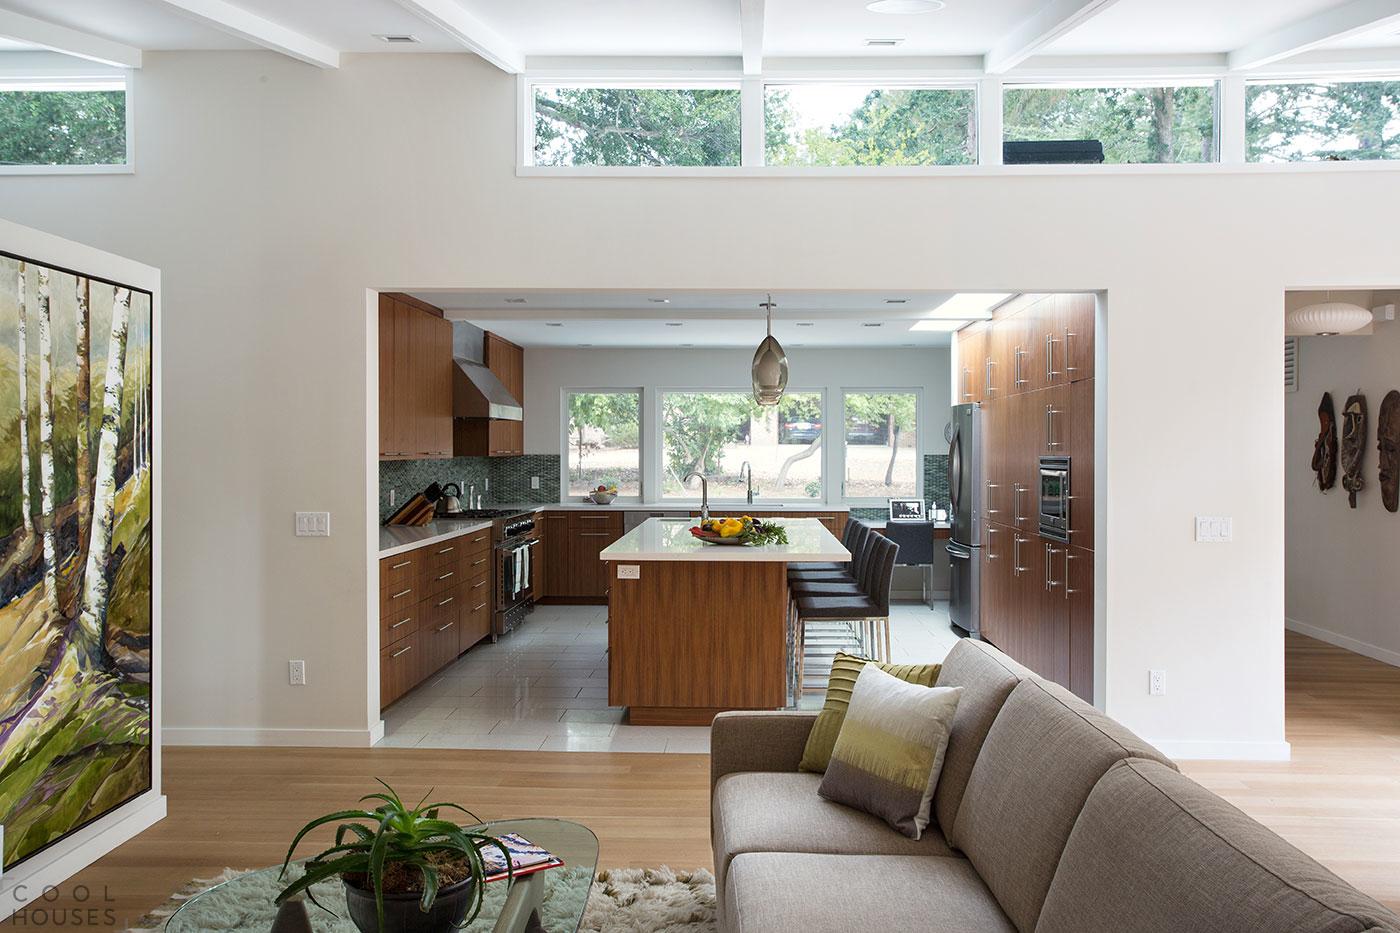 Реконструкция жилого дома в городе Лафайет, США